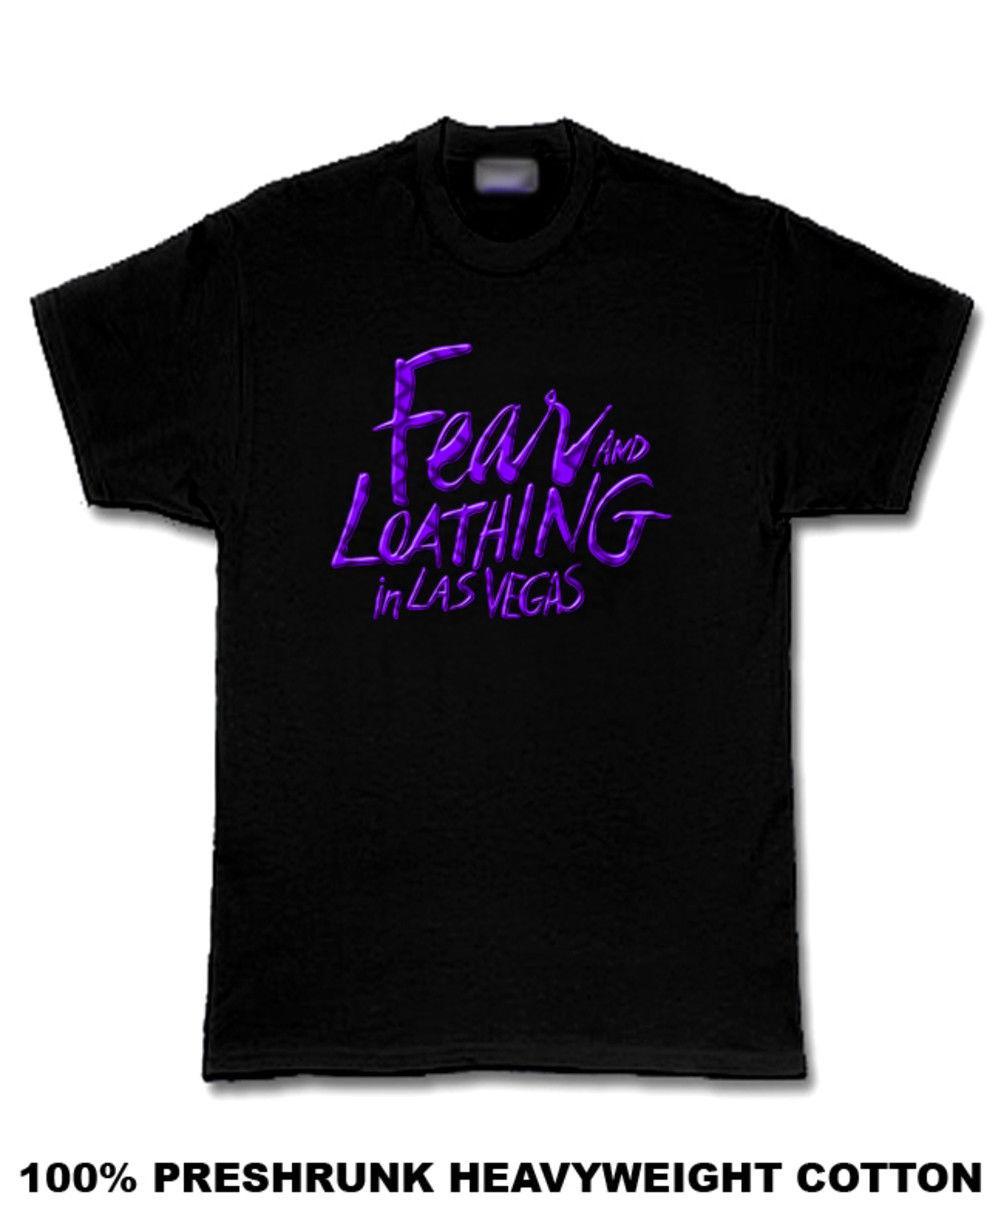 Fear & Loathing in Las Vegas purpleon black T Shirt